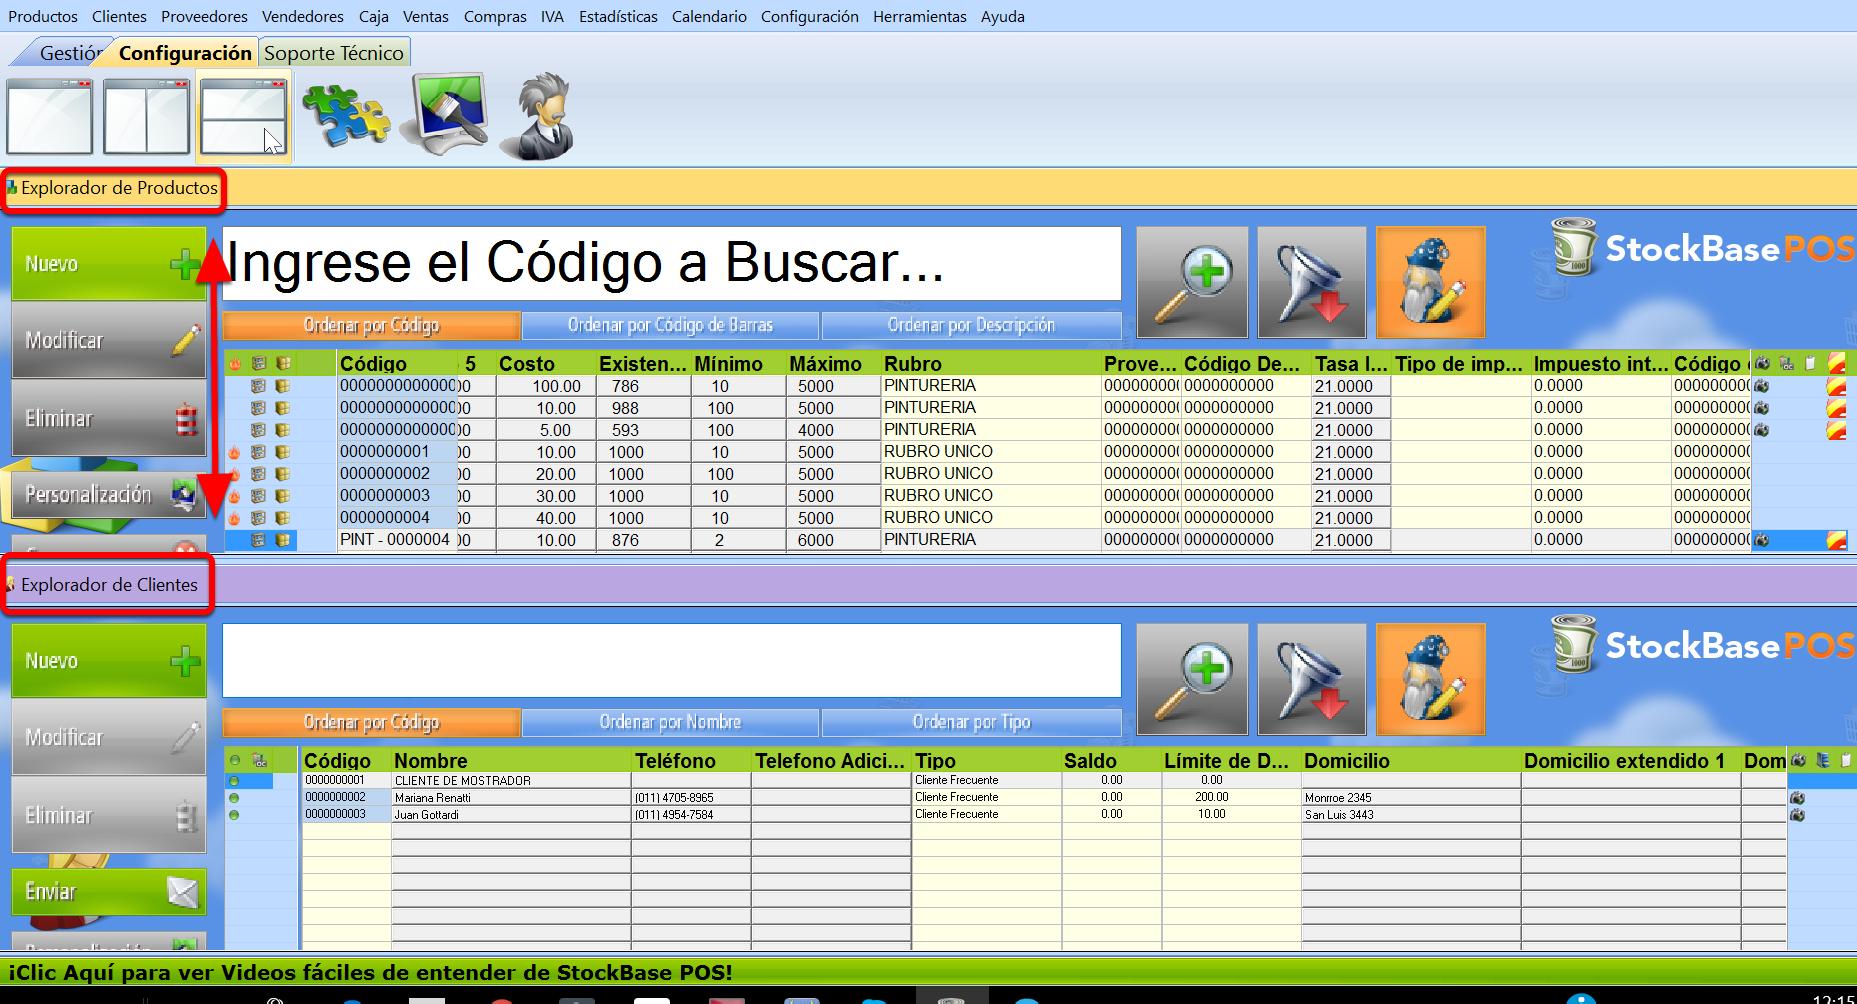 Vista en simultáneo de varios exploradores horizontales en sistema de gestion Stockbase